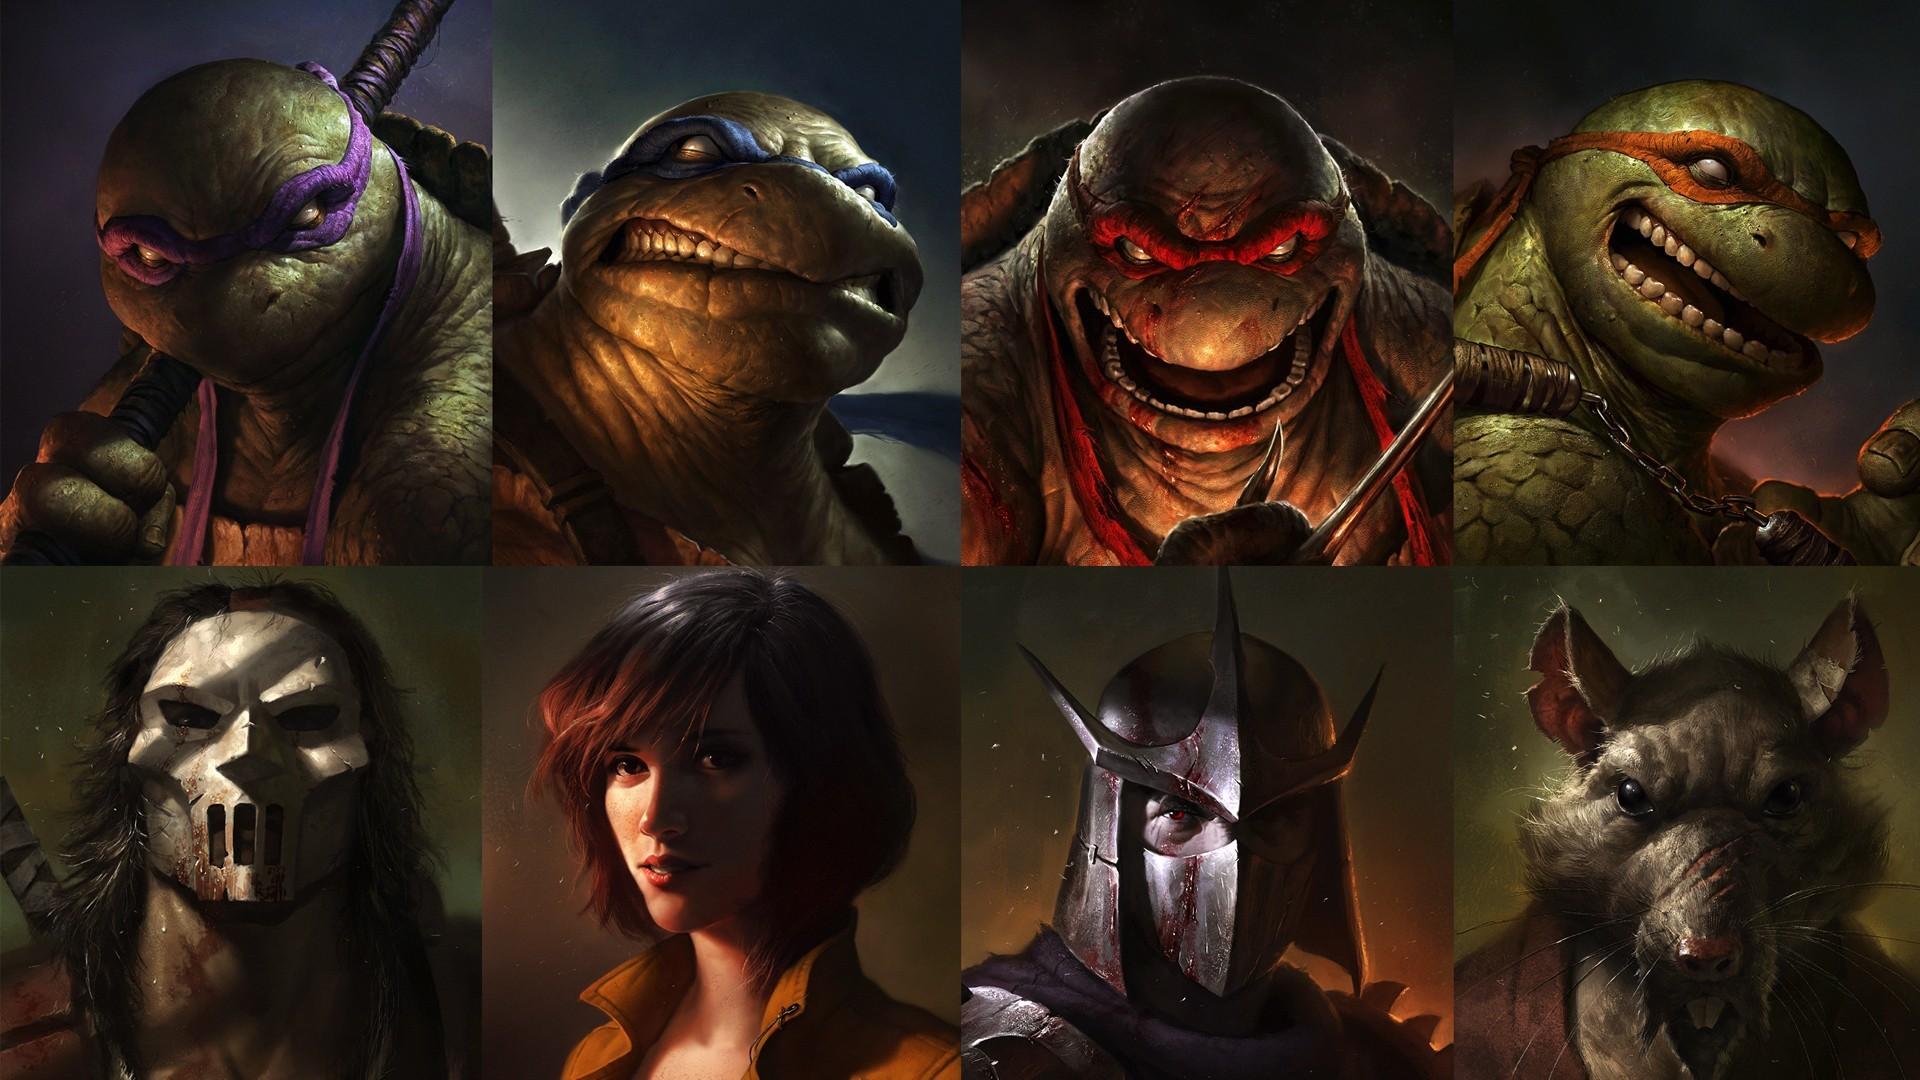 Res: 1920x1080, Teenage-Mutant-Ninja-Turtles-Scary-HD-Desktop-Wallpaper.jpg